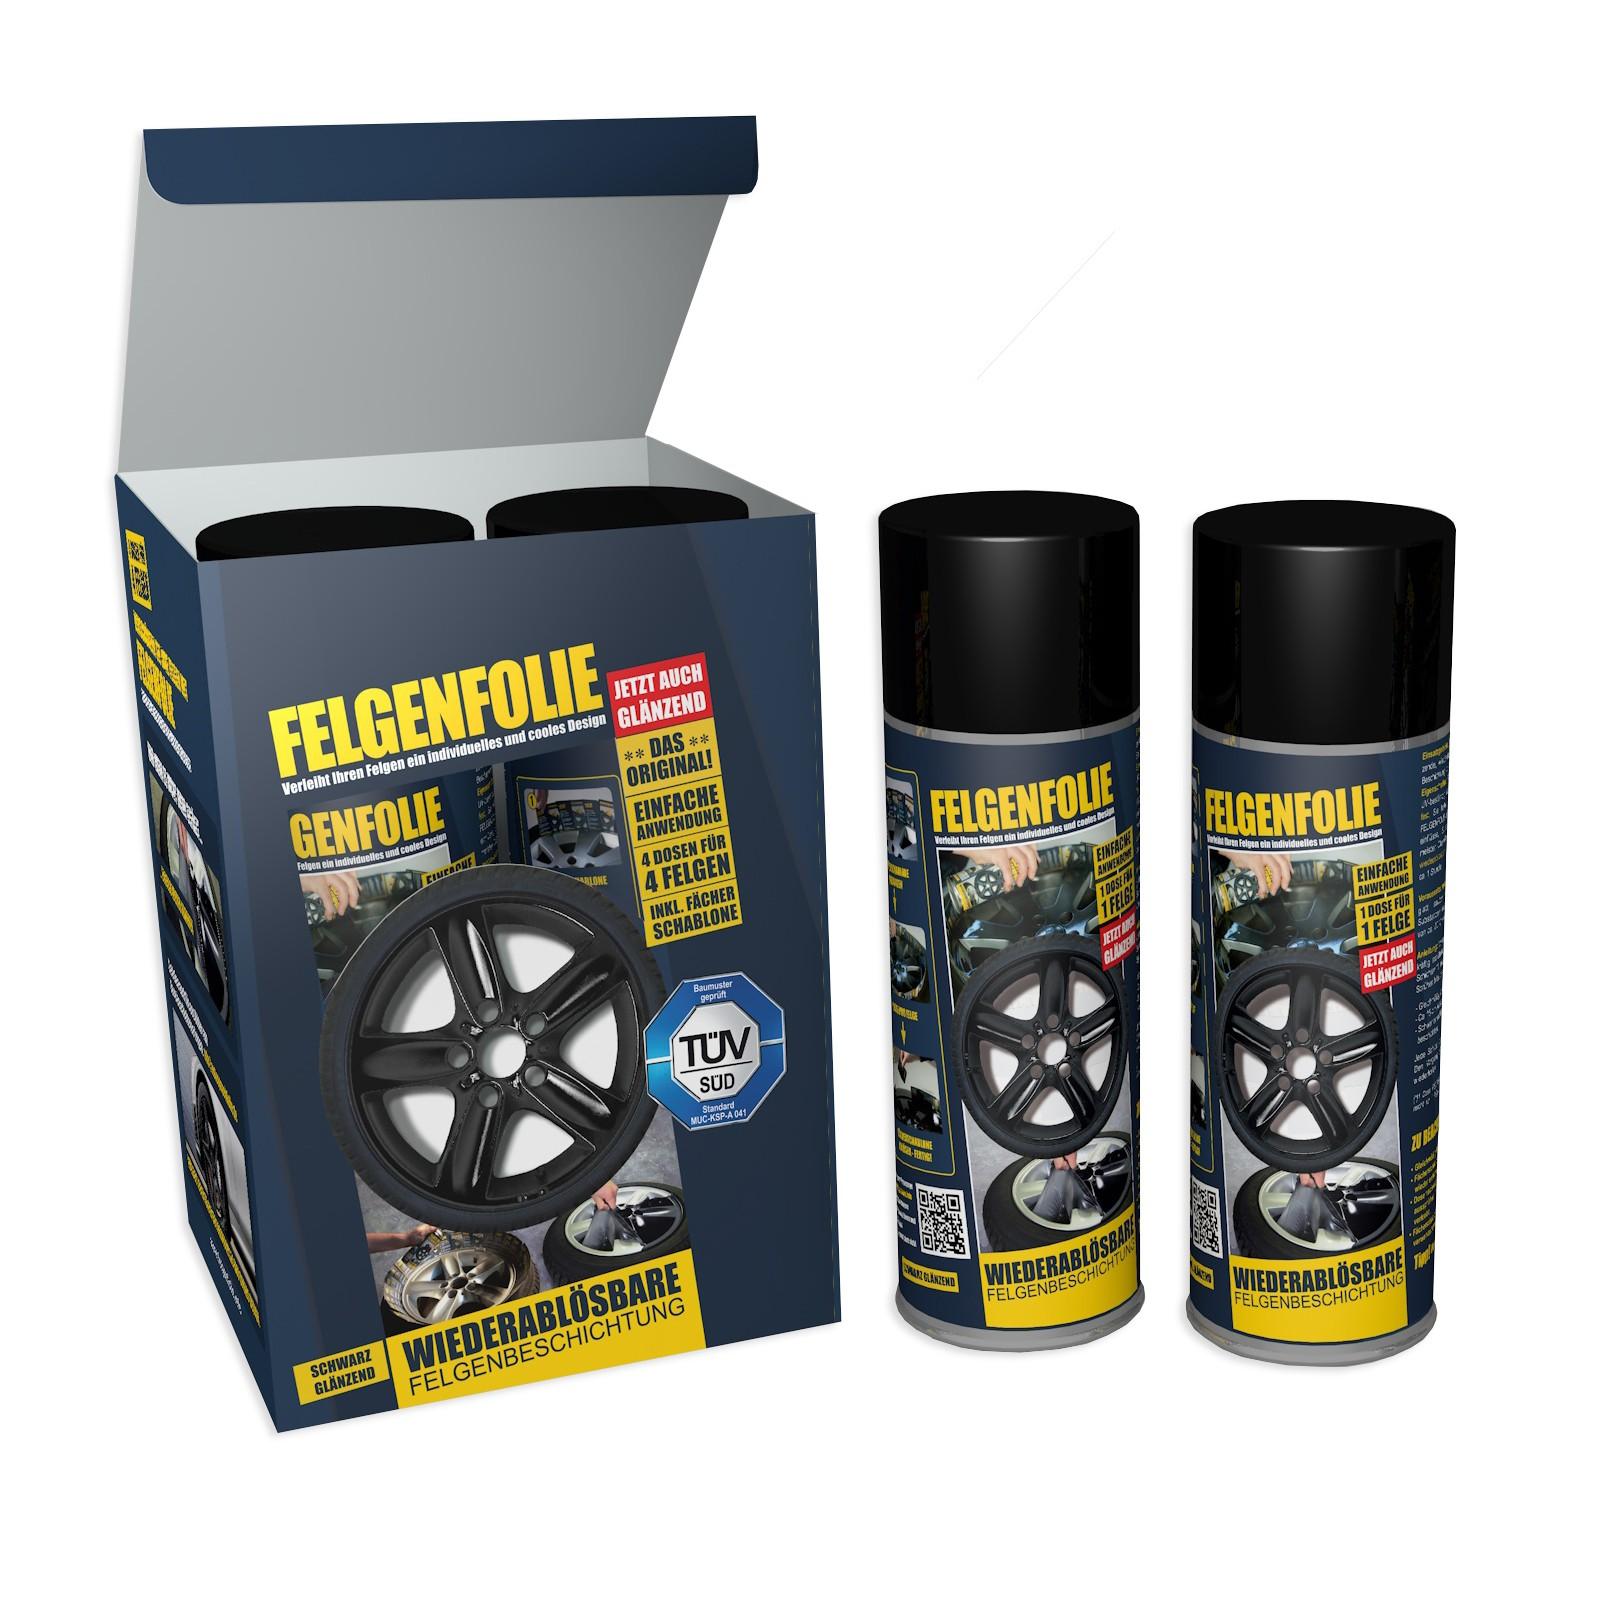 Felgenfolie Mibenco schwarz glänzend (4 Dosen à 400 ml im Set) ... auch für Karosserie! – Bild 1